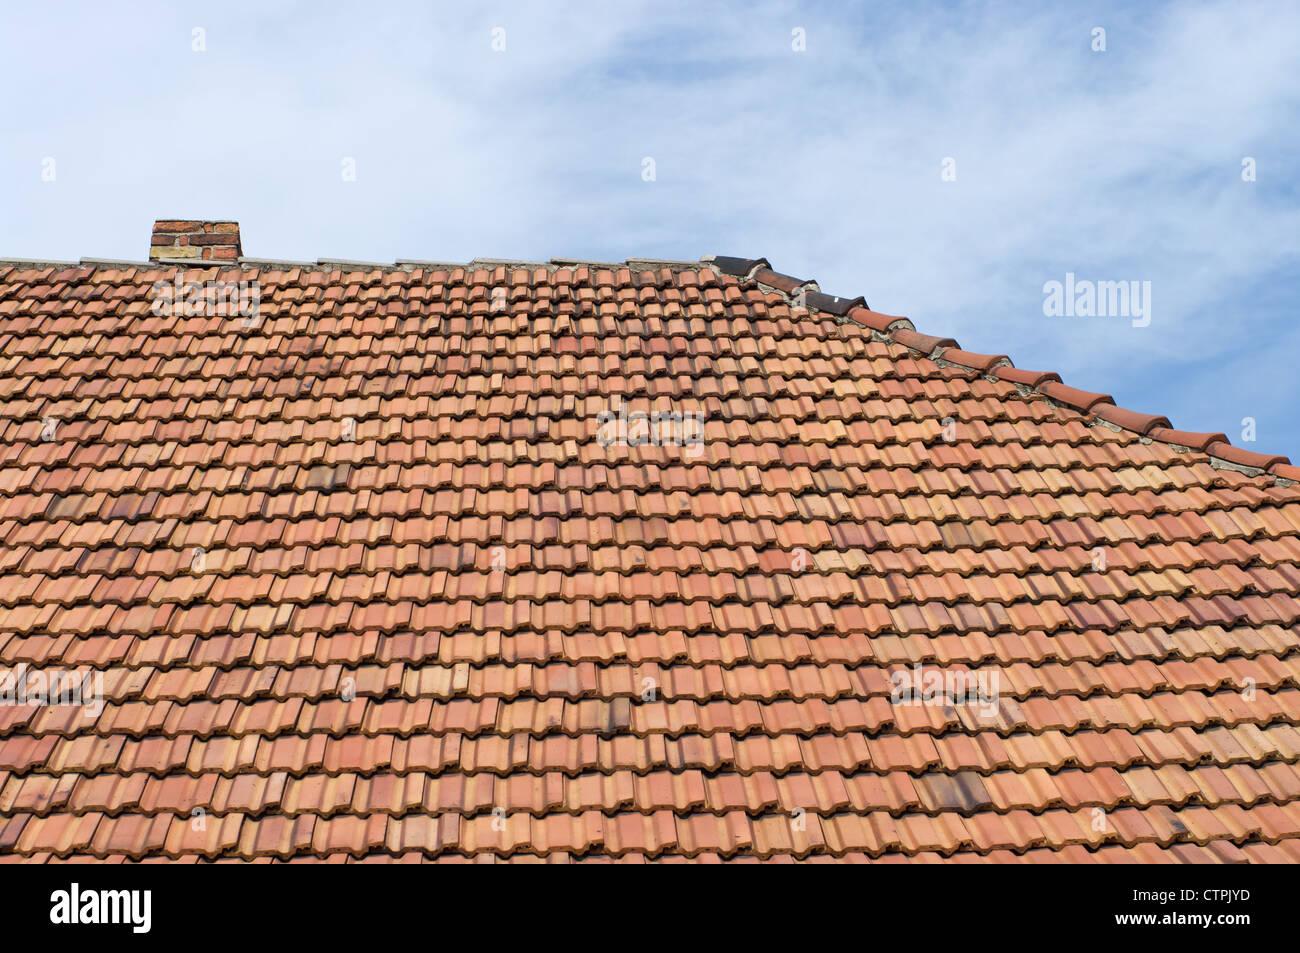 Das Dach Der Fliesen Und Der Schornstein Gegen Den Himmel.